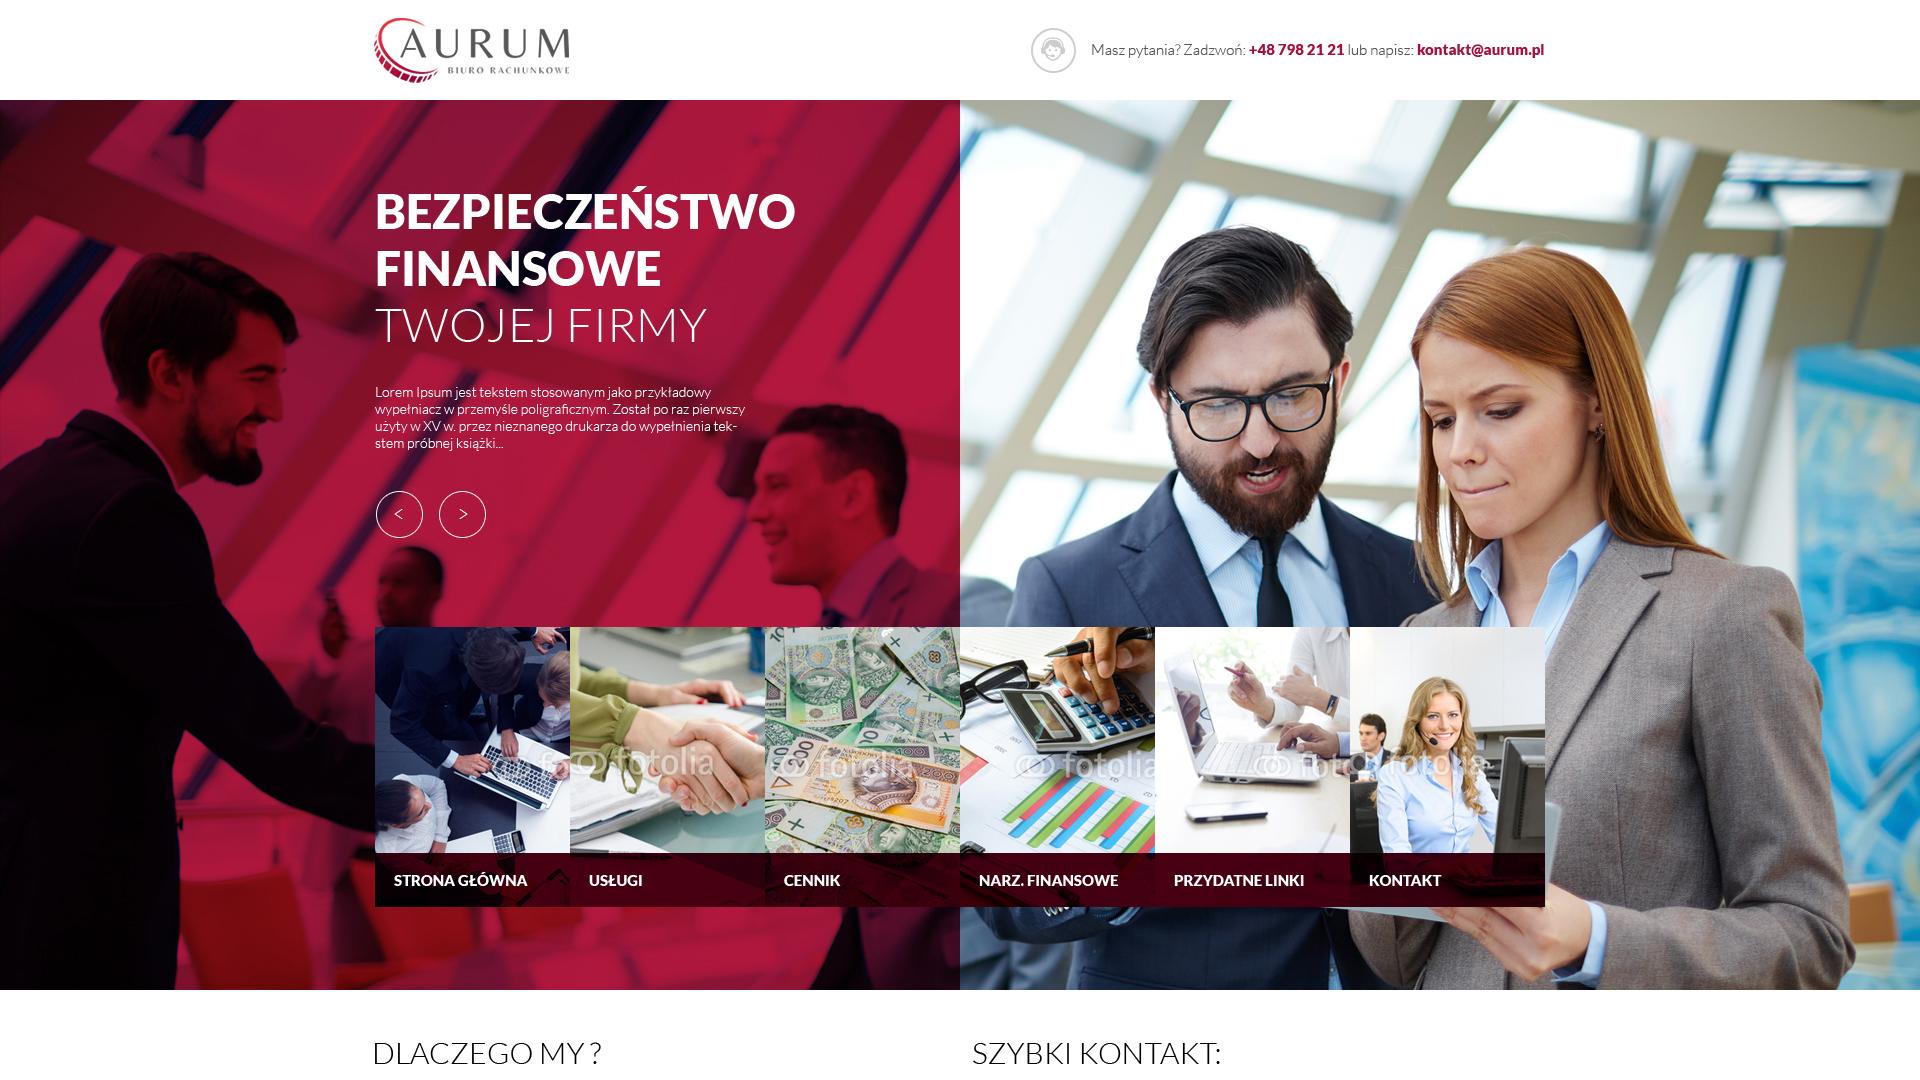 aurum biuro strona internetowa